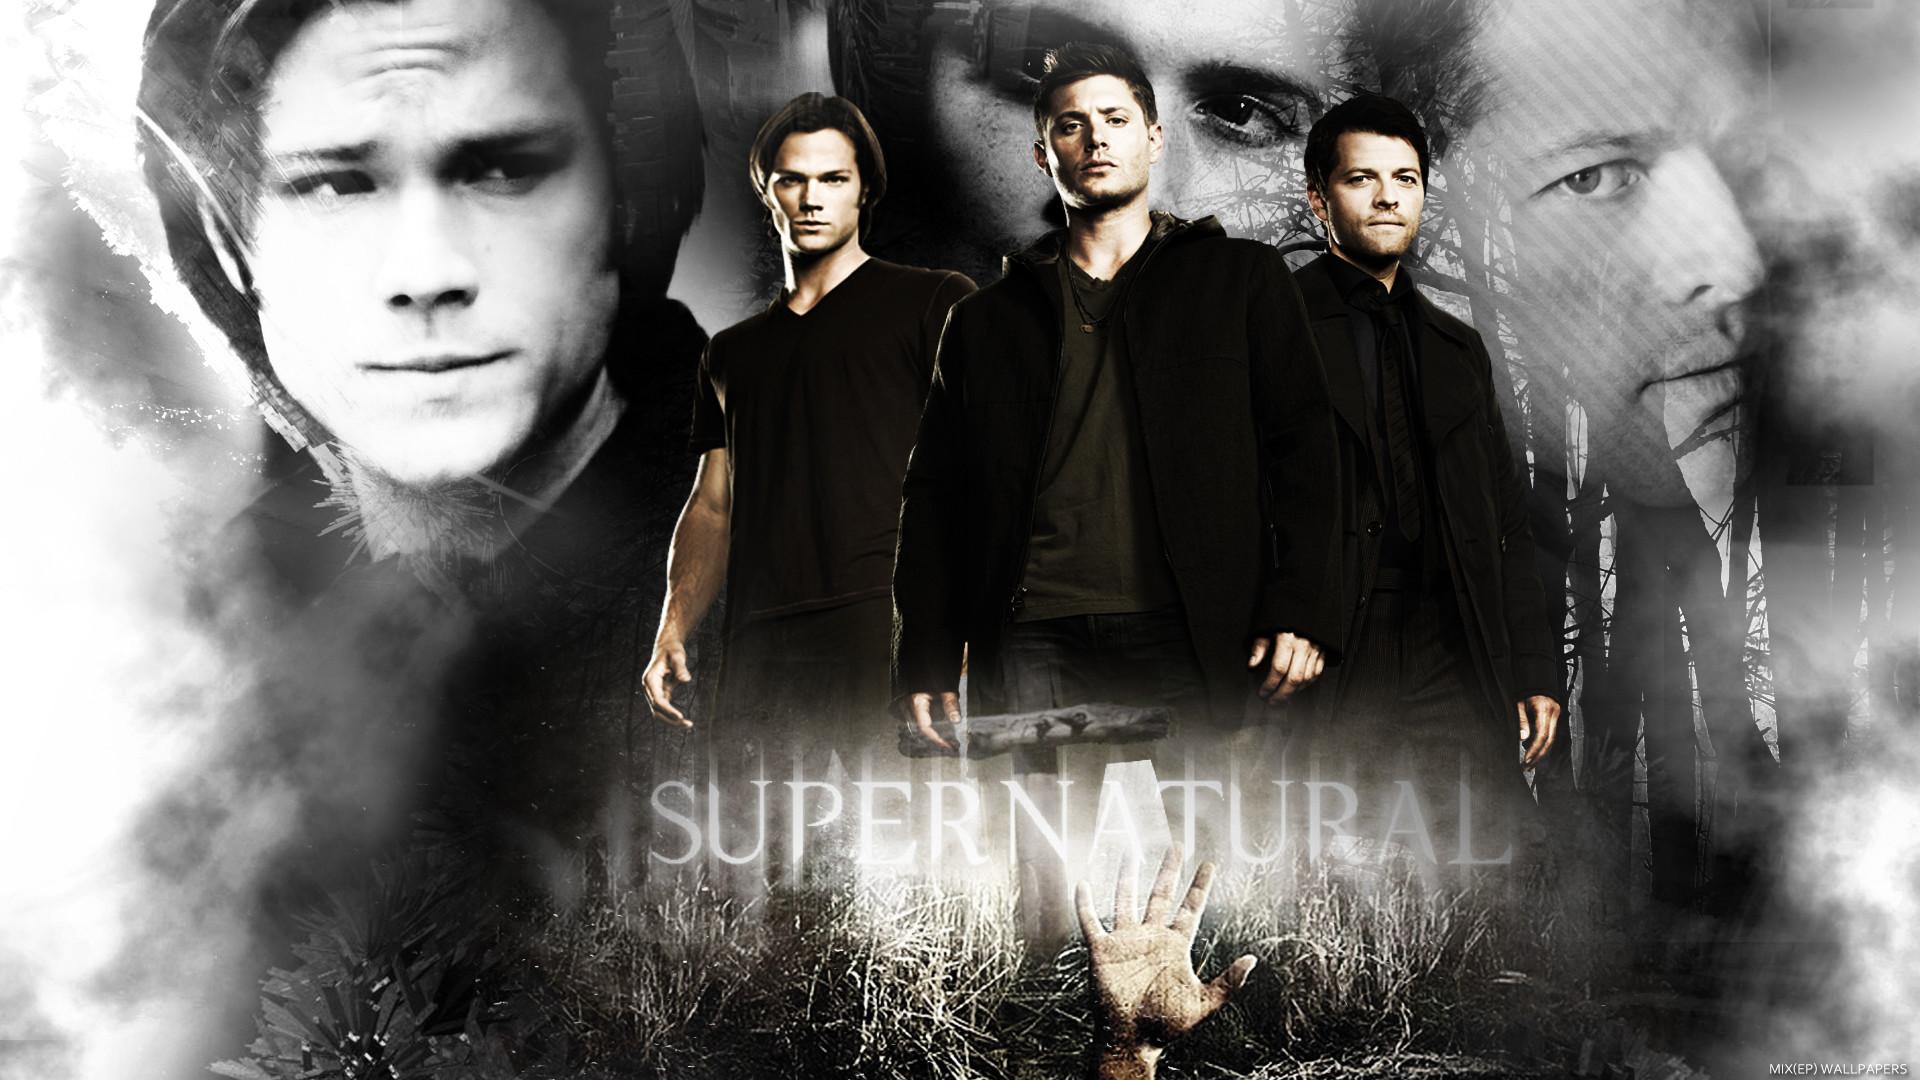 /supernatural/images/33561497/title/supernatural-wallpaper-